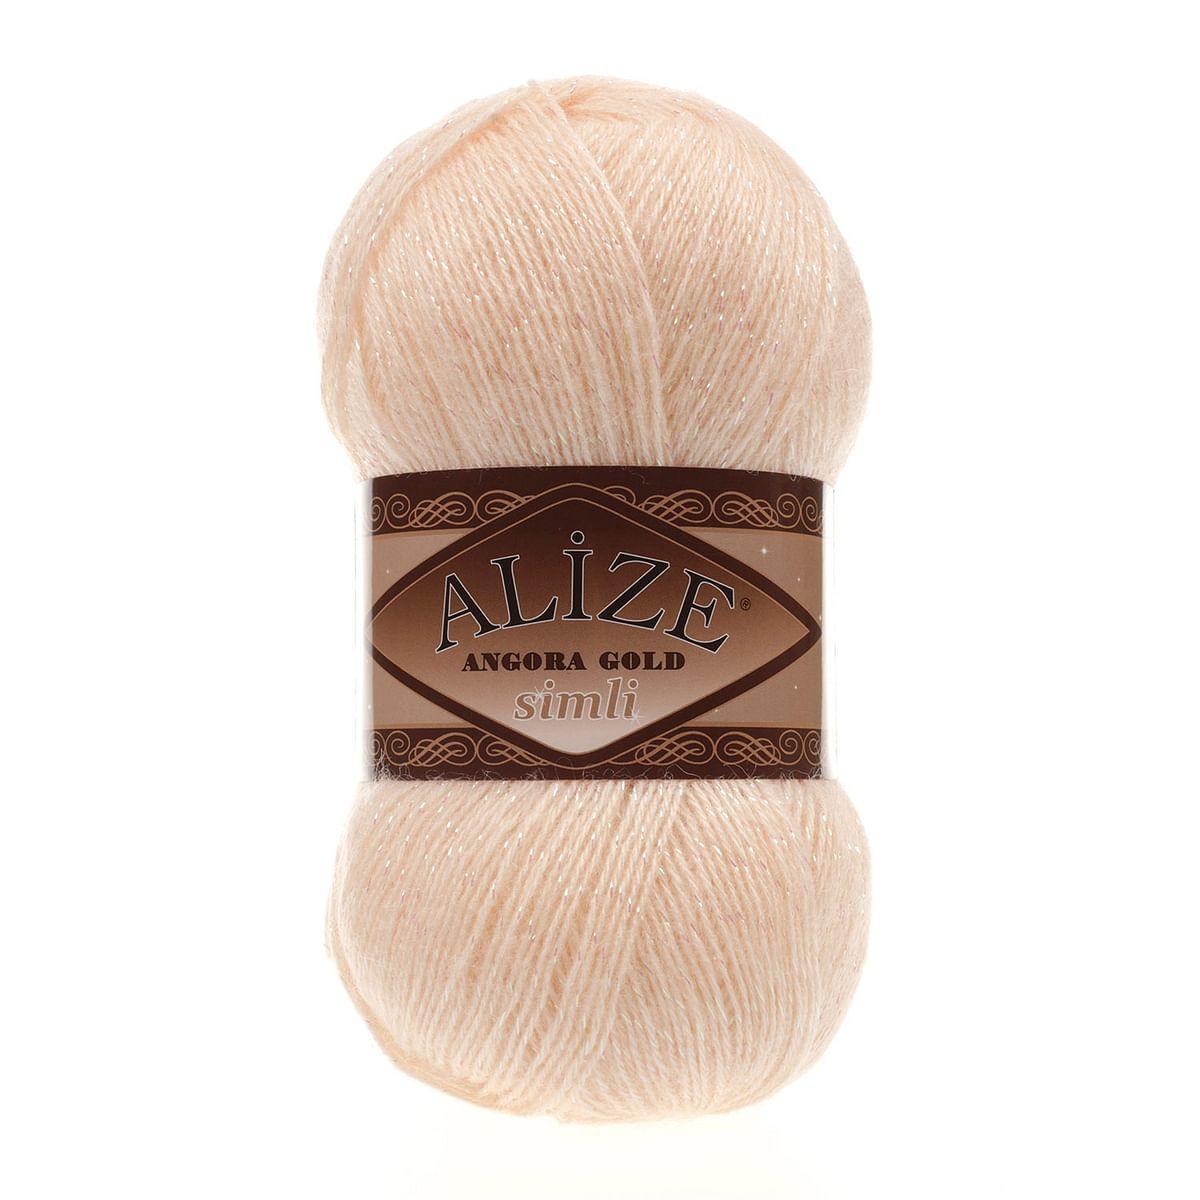 ANGORA GOLD SIMLI 681 ярко-персиковый - 20% шерсть, 5% металлик, 75% акрил